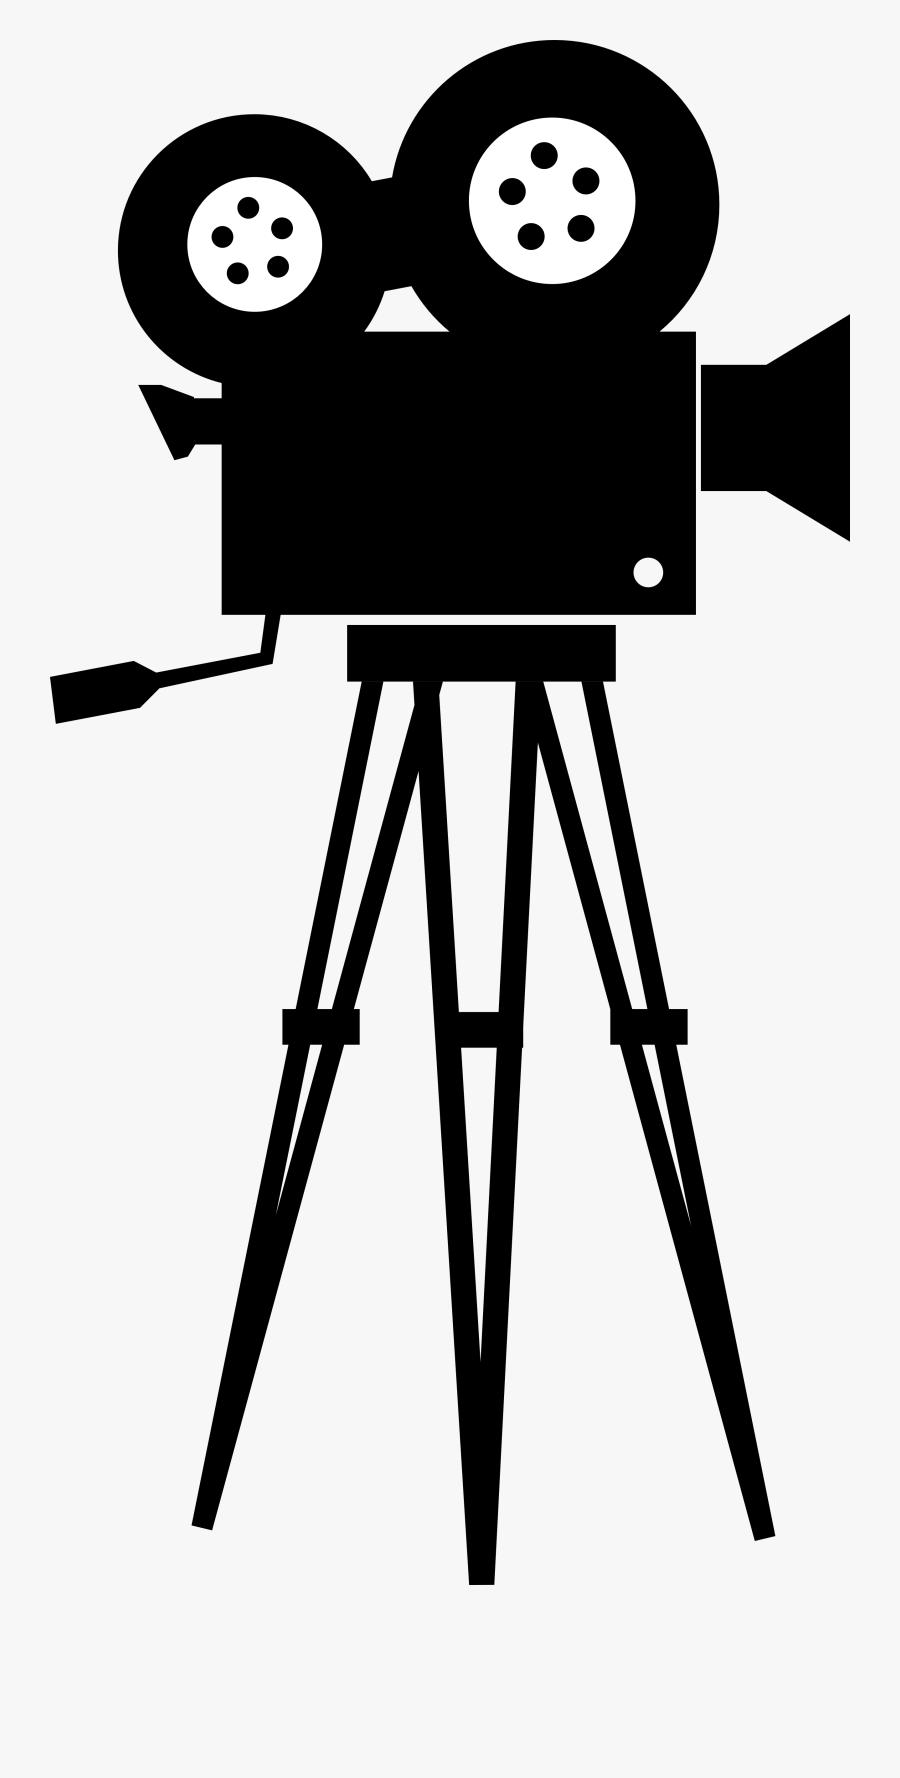 Clipart - Film Camera Vector Png, Transparent Clipart